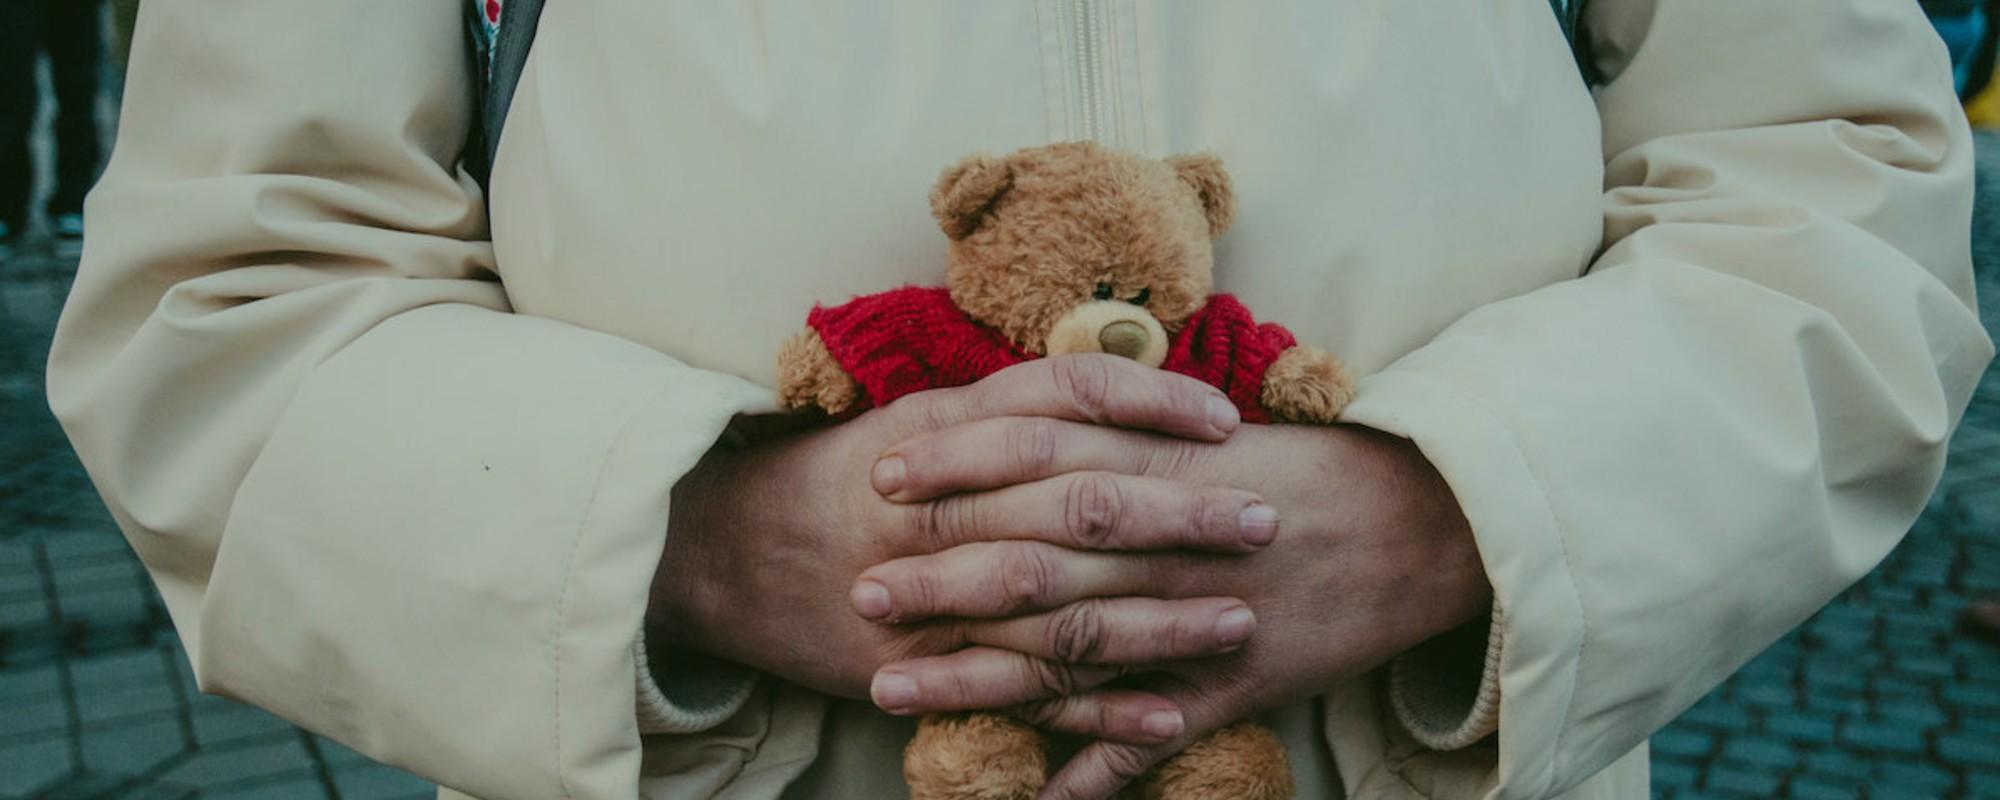 Fotografii cu românii care au ieşit în stradă cu nişte urşi pe care nu-i va ucide nimeni